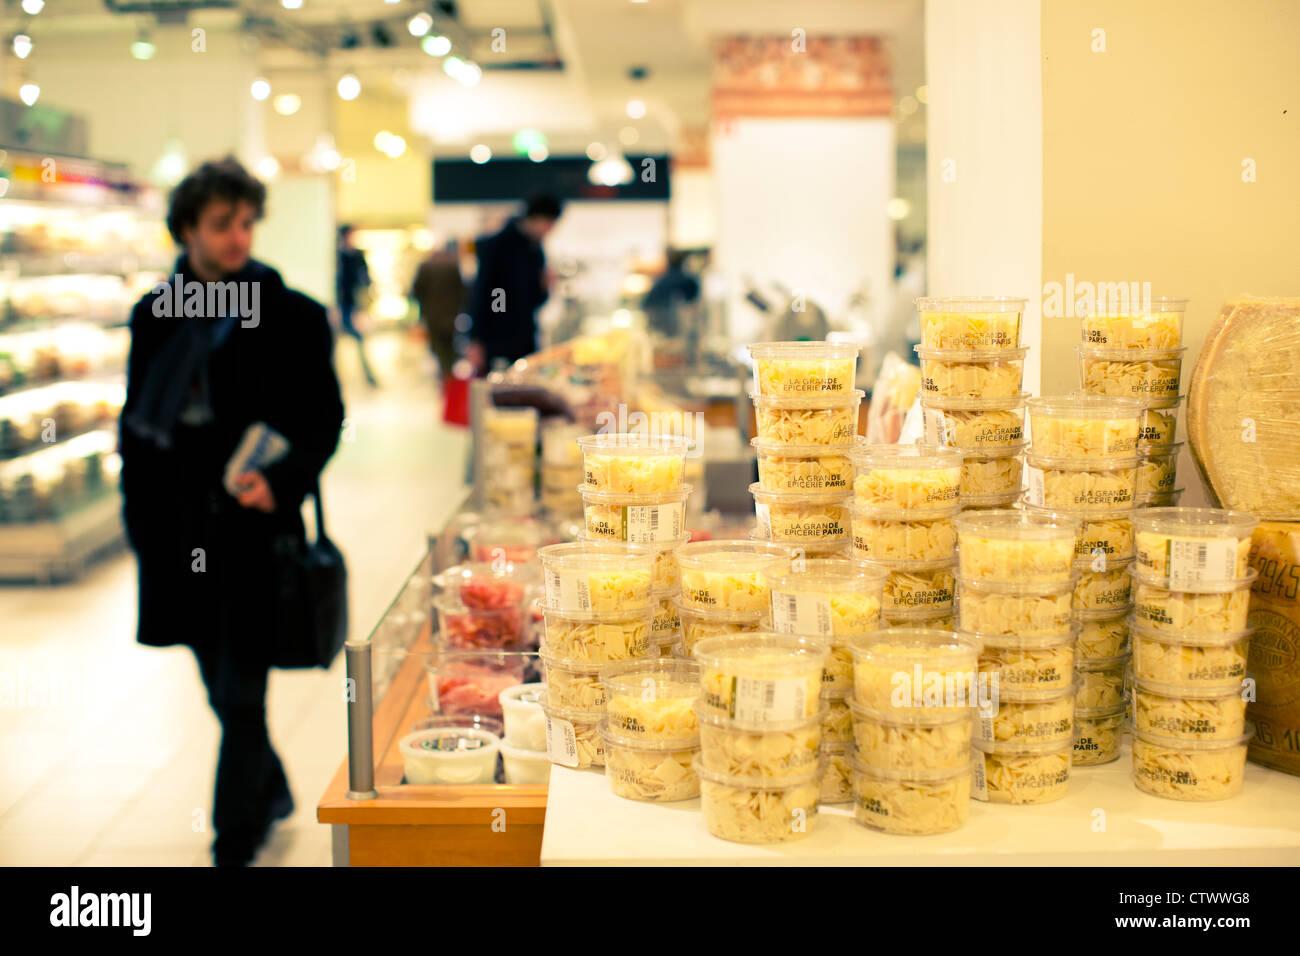 Le Bon Marche food market Paris France - Stock Image